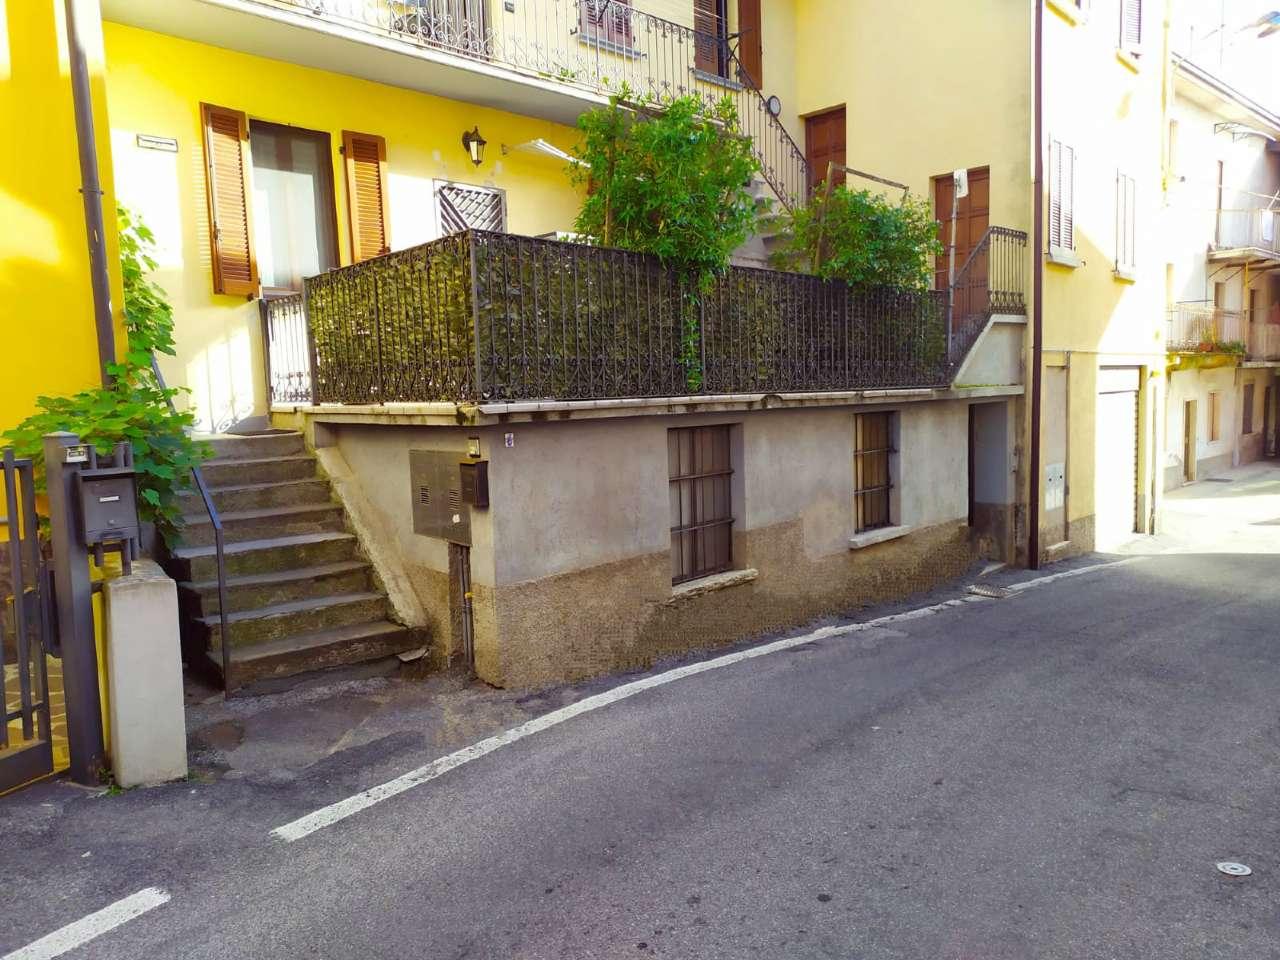 Appartamento in vendita a Cantù, 2 locali, prezzo € 67.000 | PortaleAgenzieImmobiliari.it